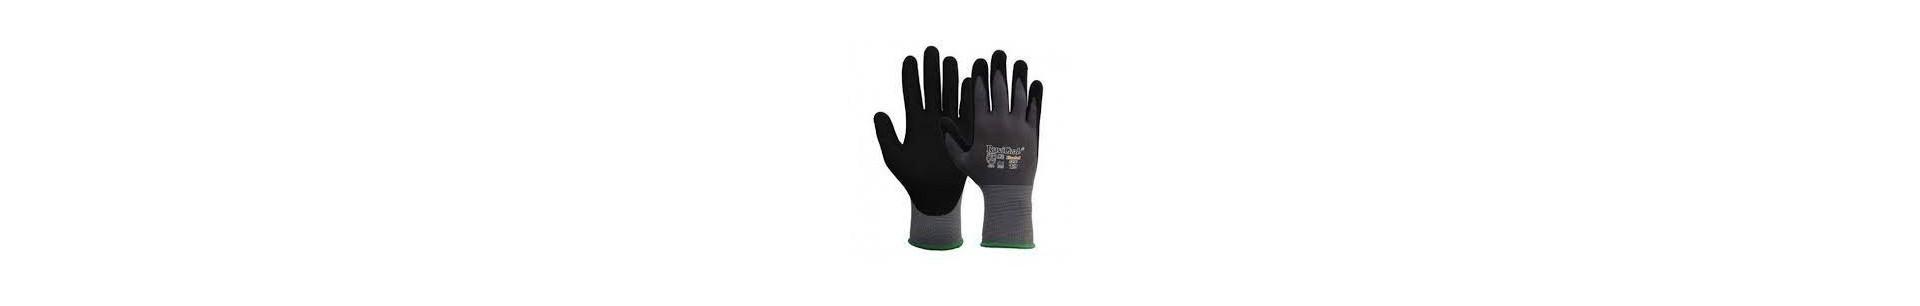 Tiendas Pavo Venta Online - Encuentre el guante más adecuado en función del peligro, del medio de trabajo, del material o de la normativa.